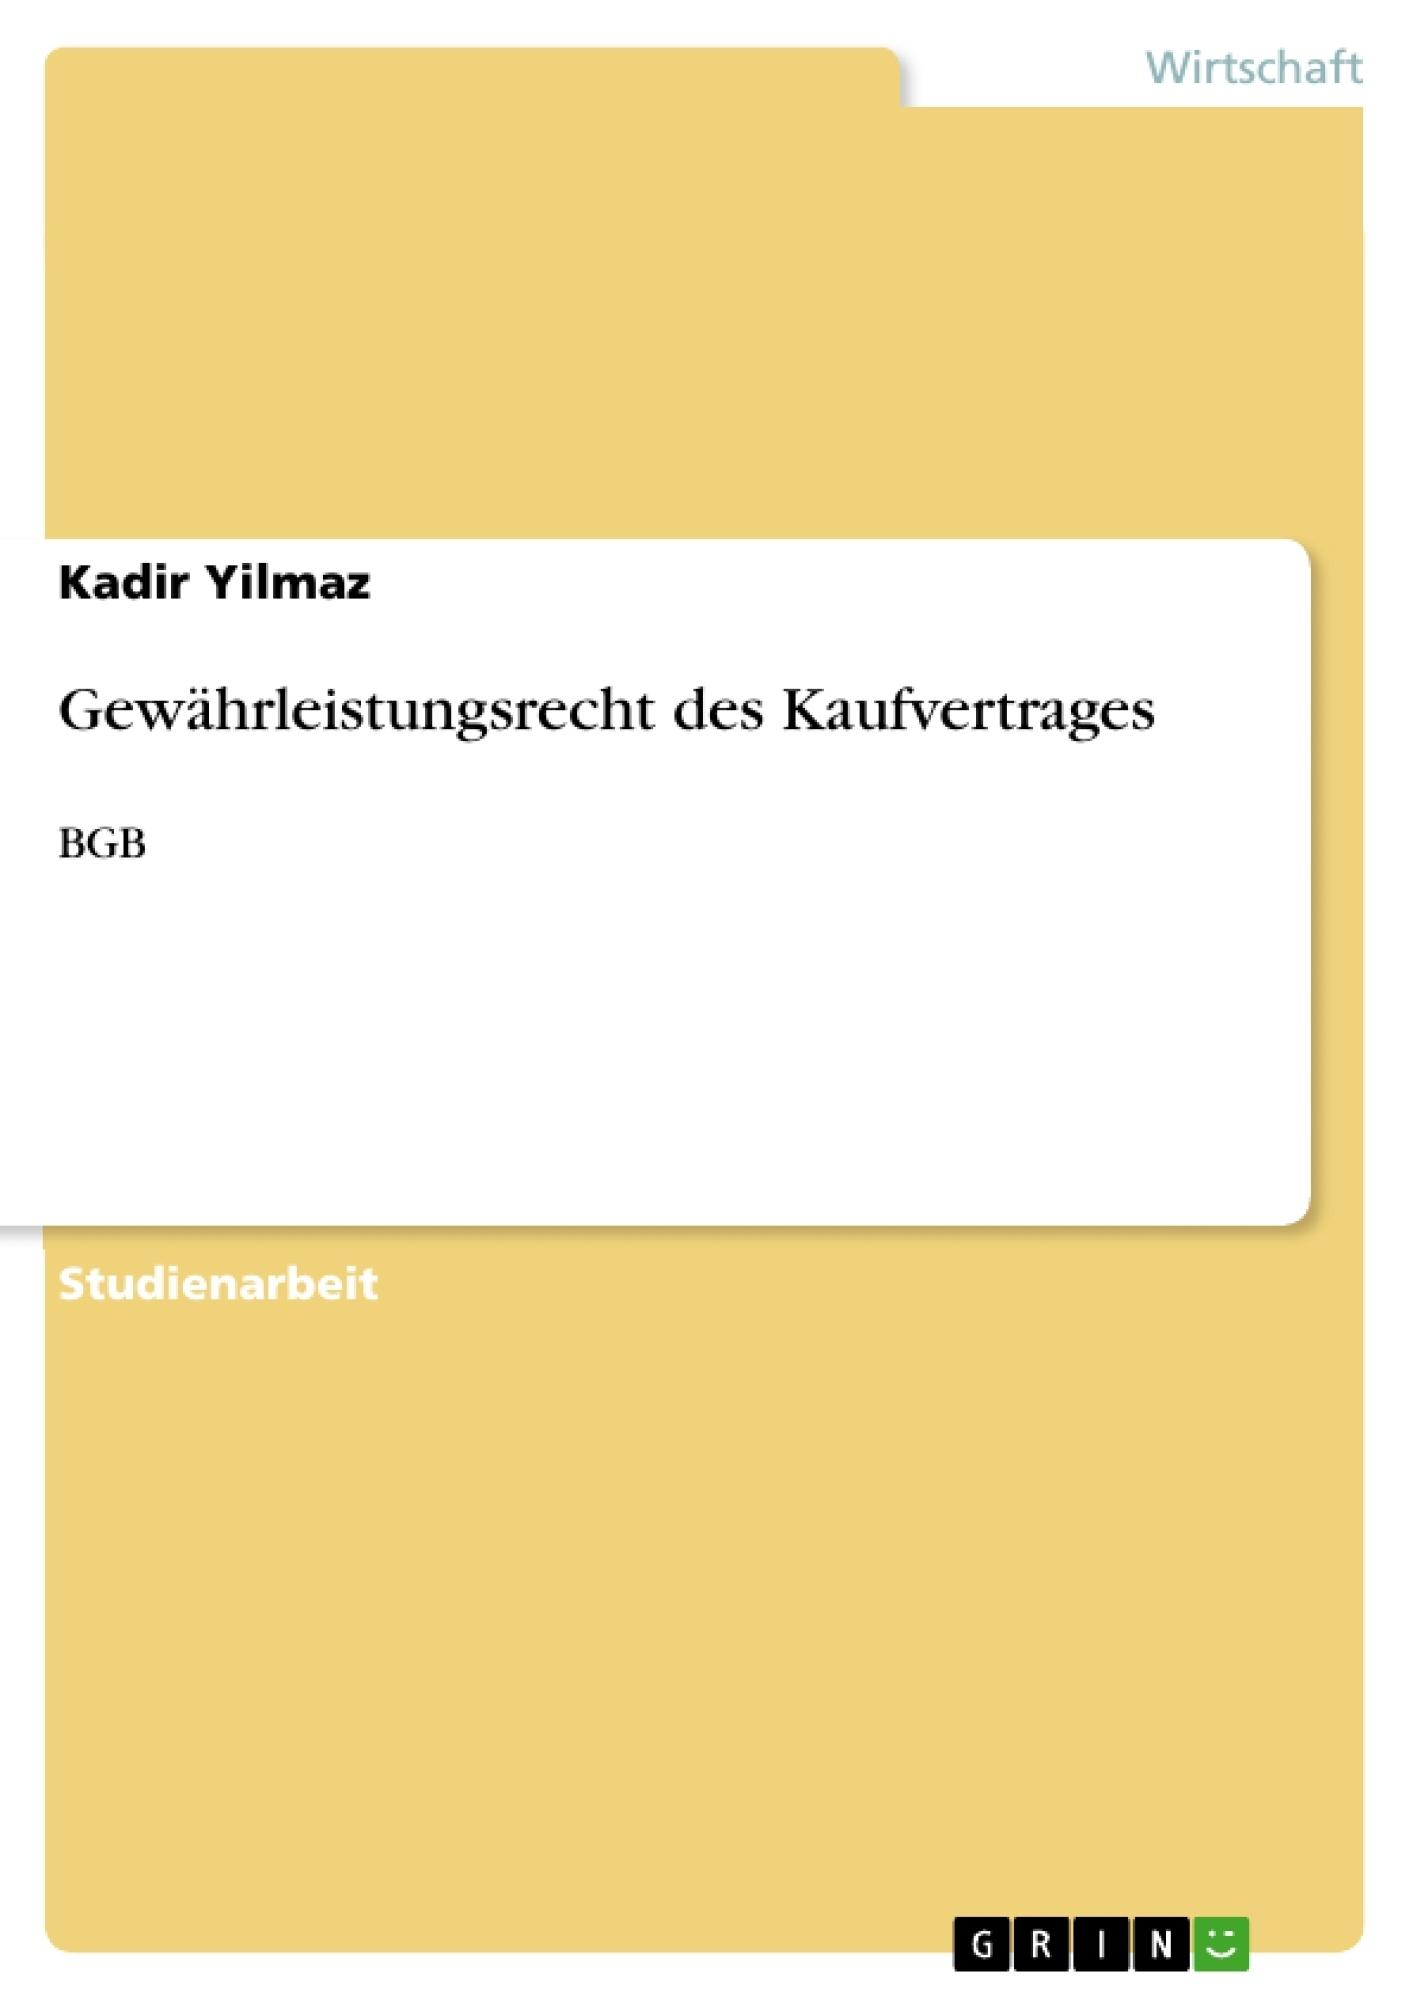 Titel: Gewährleistungsrecht des Kaufvertrages